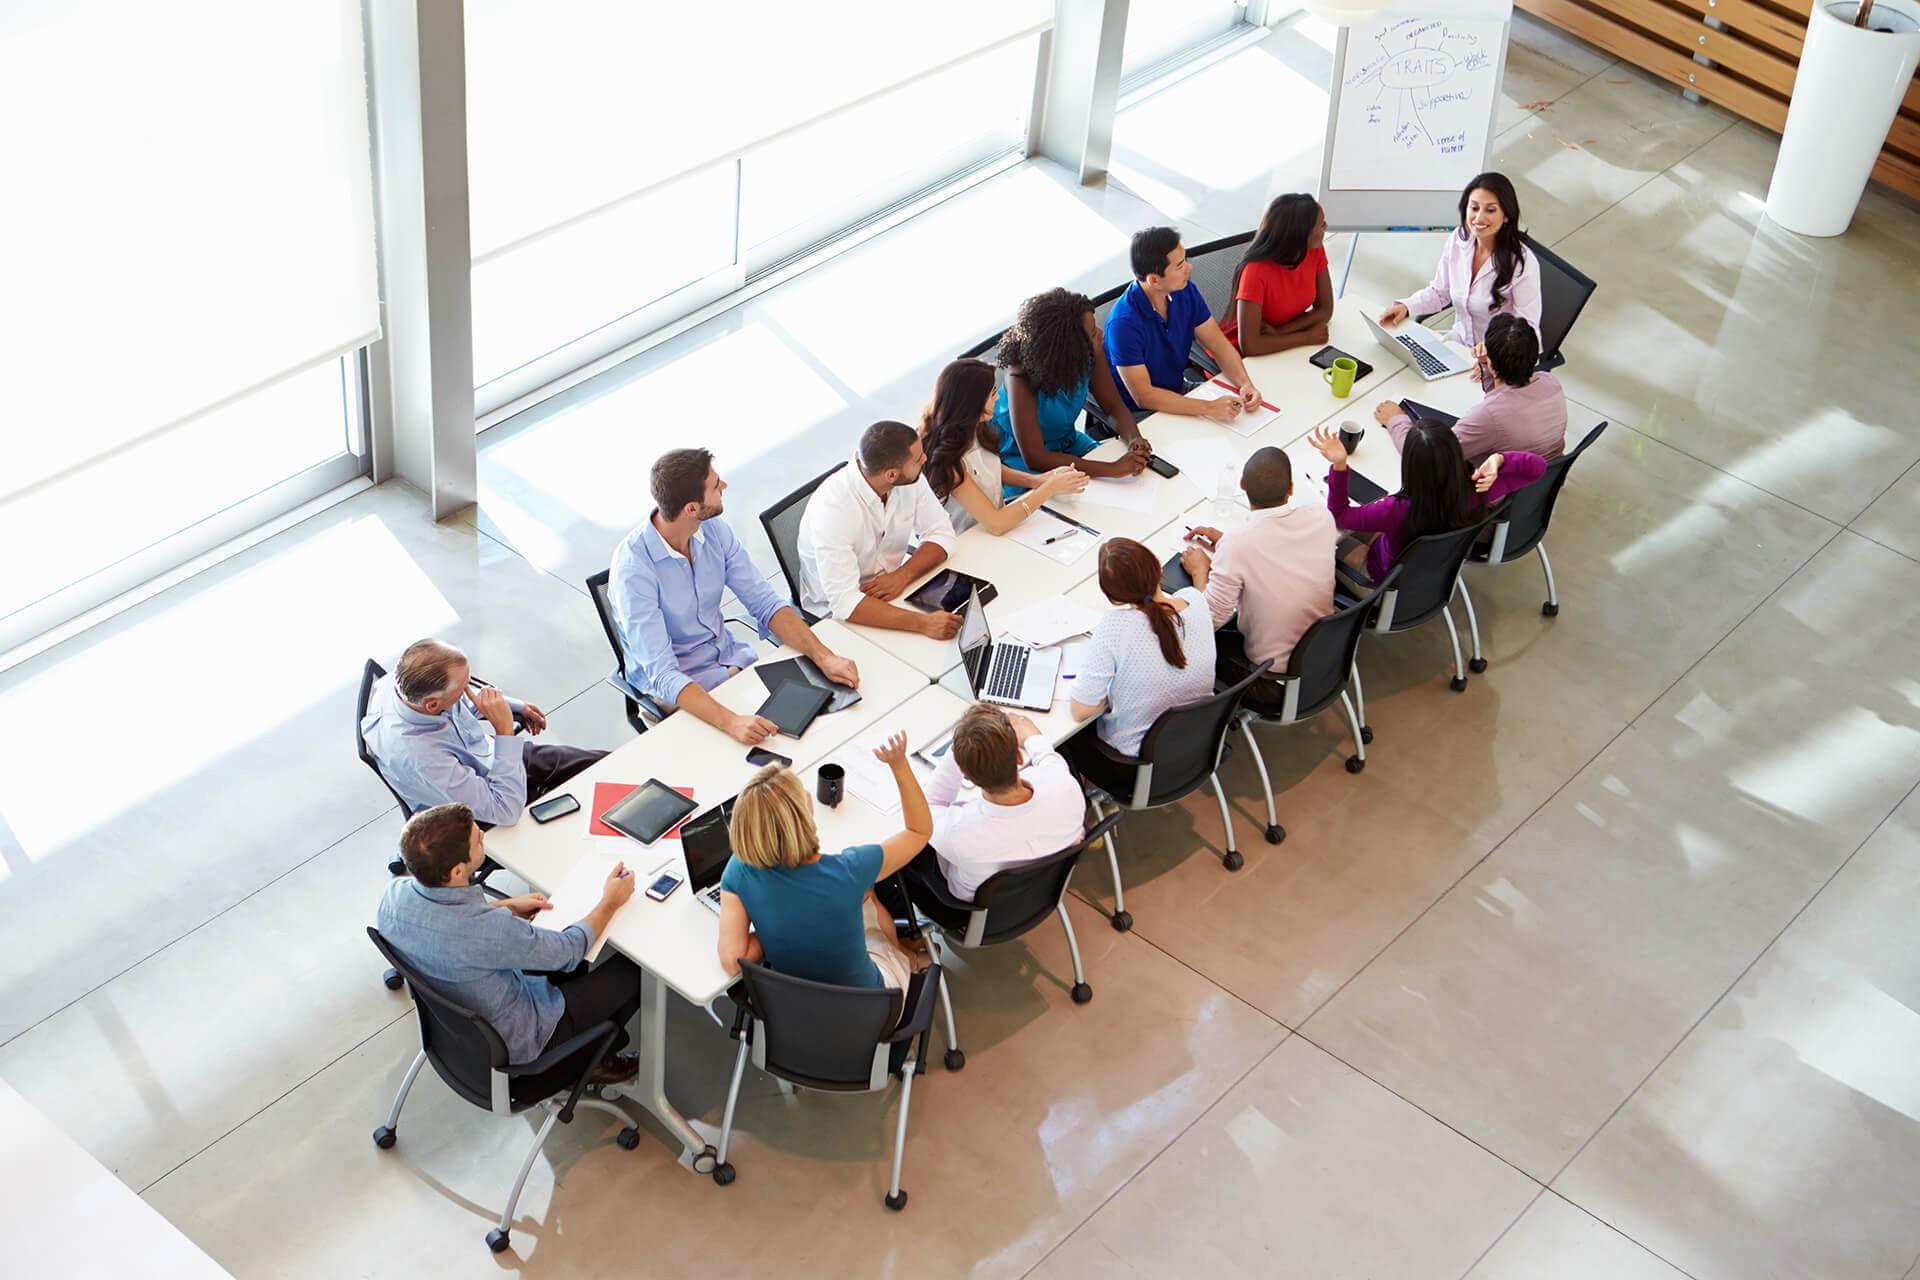 «Планерка» как способ повышения лояльности персонала компании - картинка bg section top home teamleasing